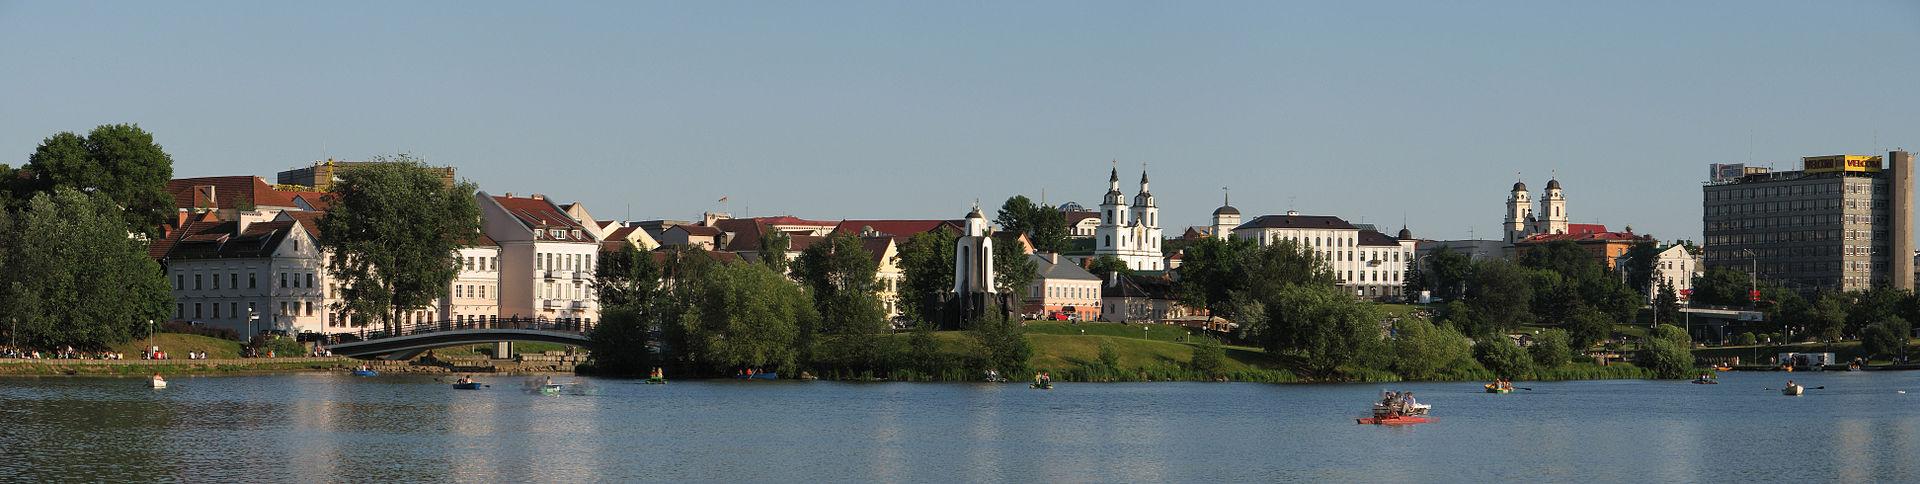 ncs_troetskoe_predmeste_panorama